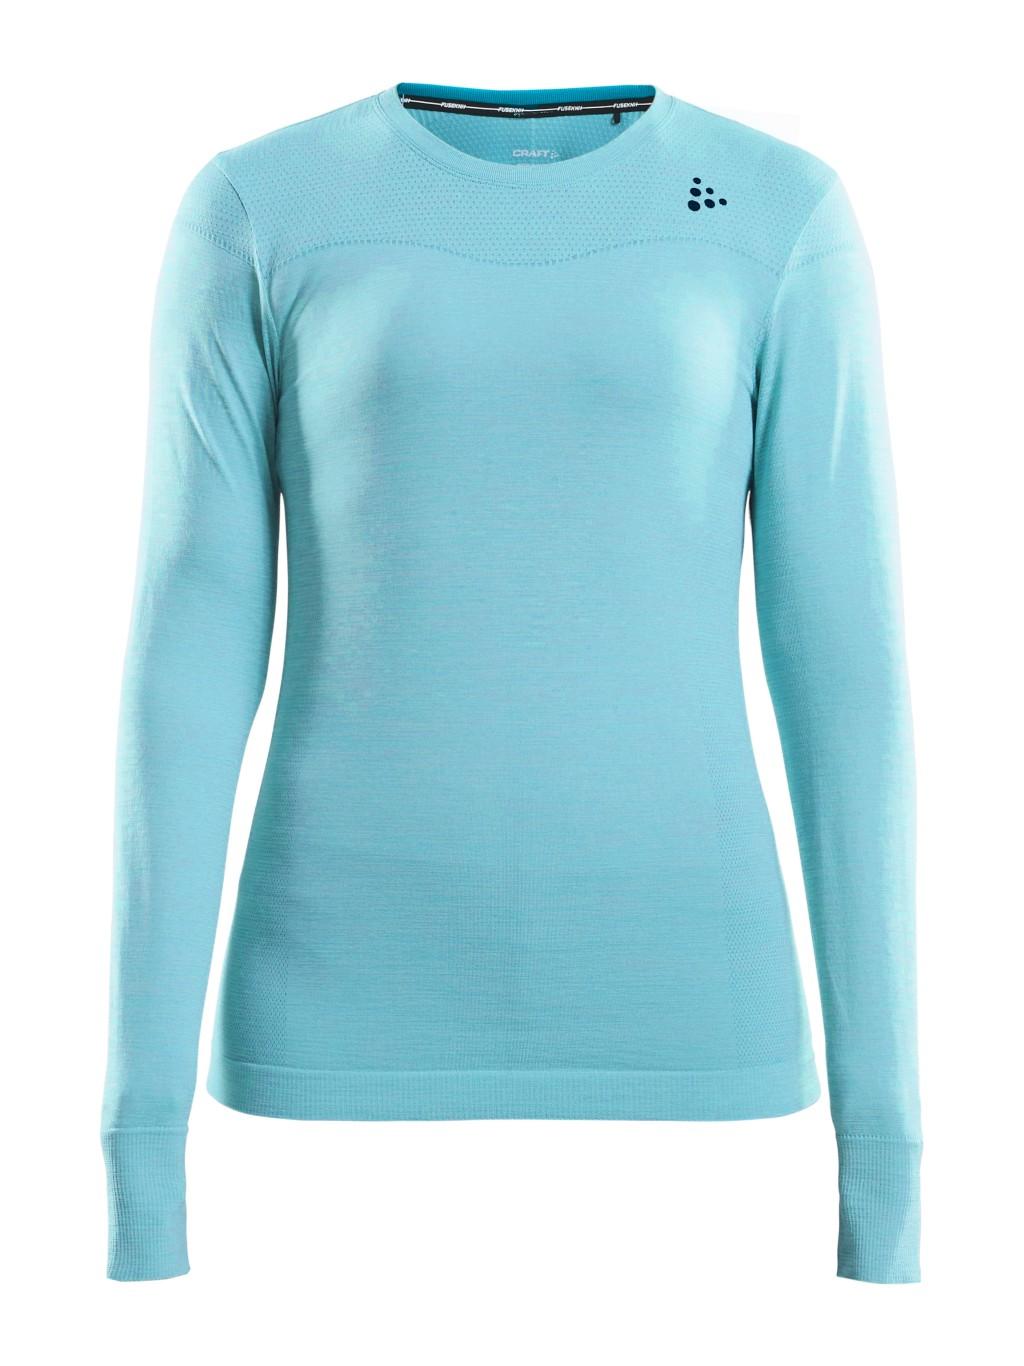 Koszulka termoaktywna damska Craft Fuseknit Comfort RN LS W B³êkitna